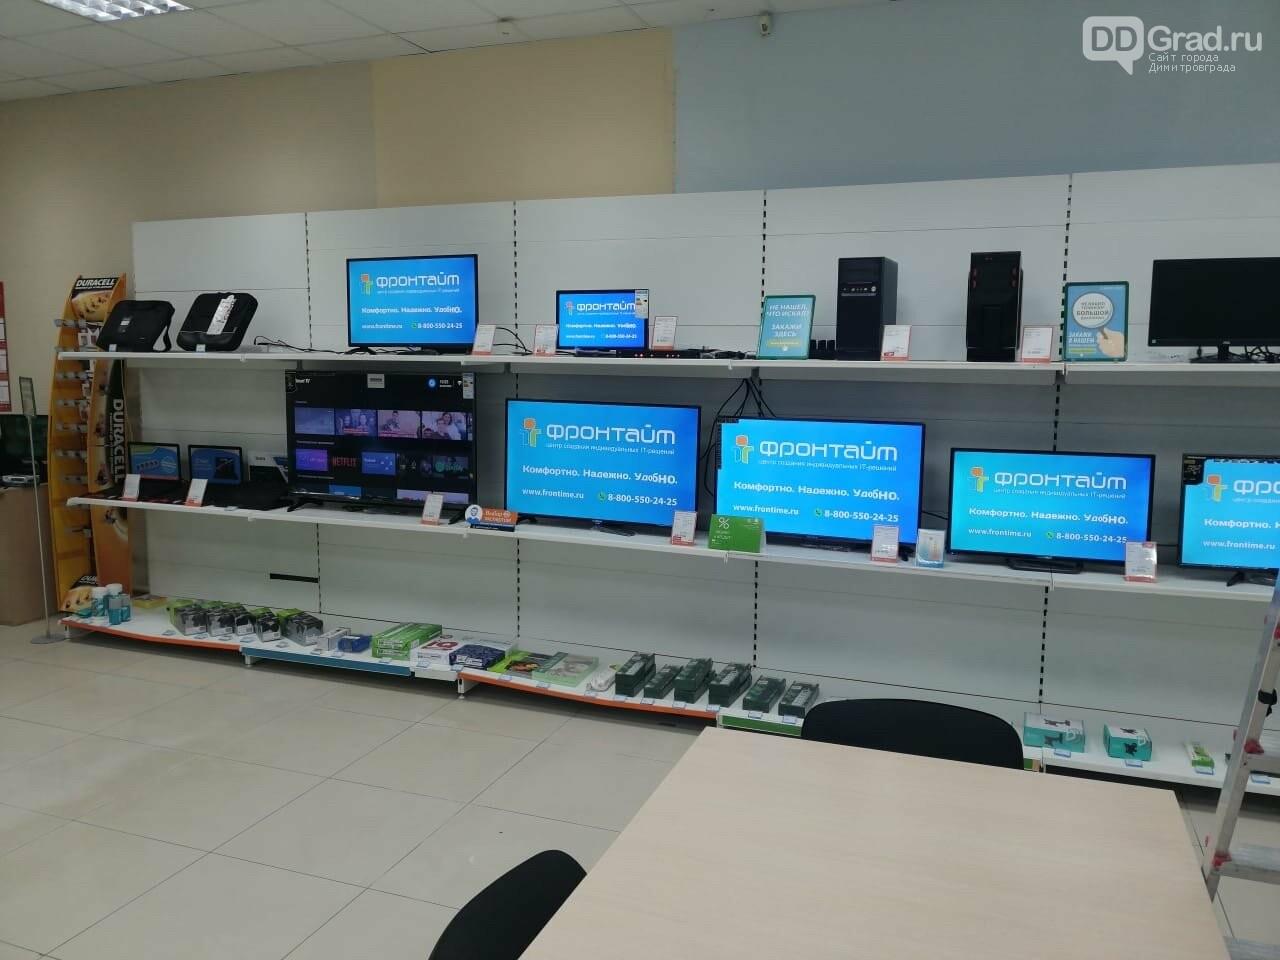 Магазин «Фронтайм» объявил специальные предложения покупателям, фото-2